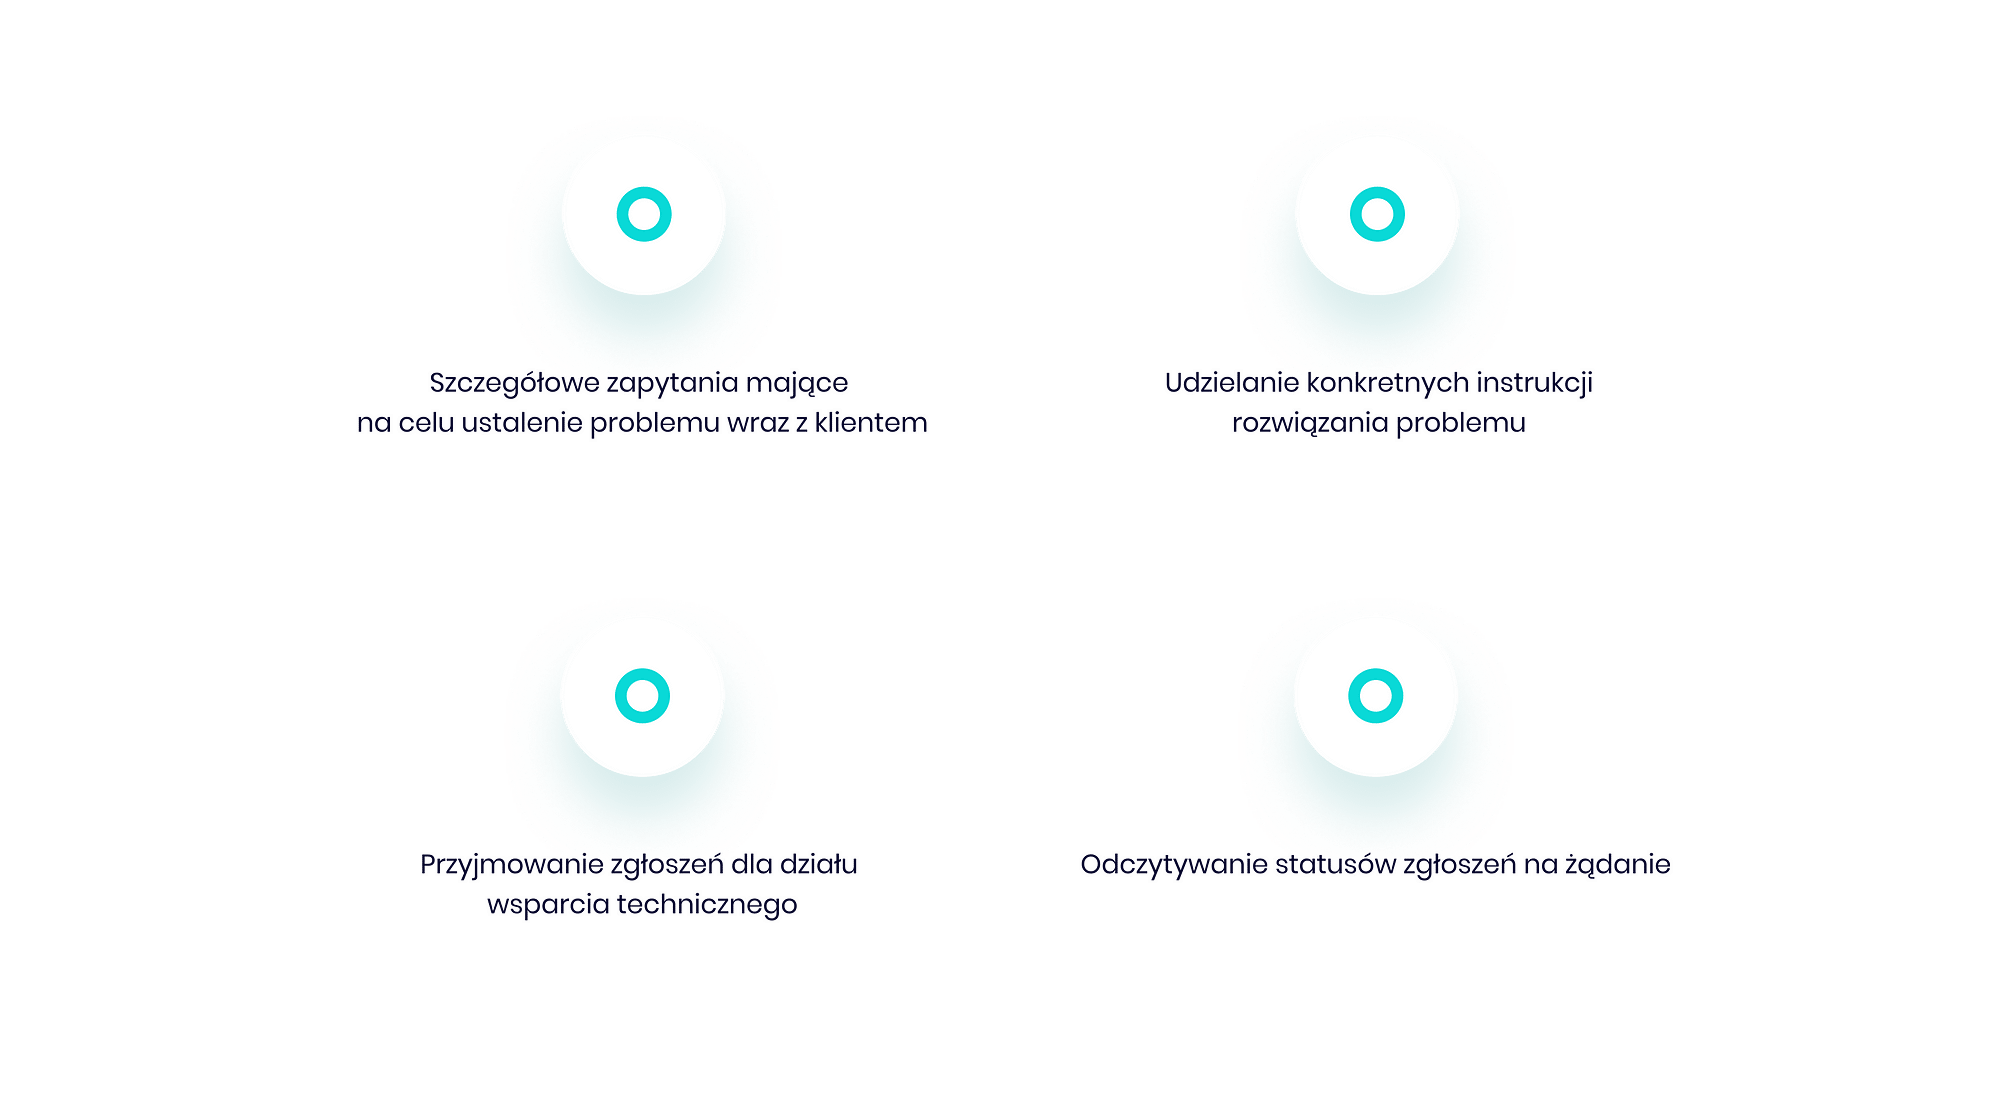 automatyzacja procesu wsparcia technicznego